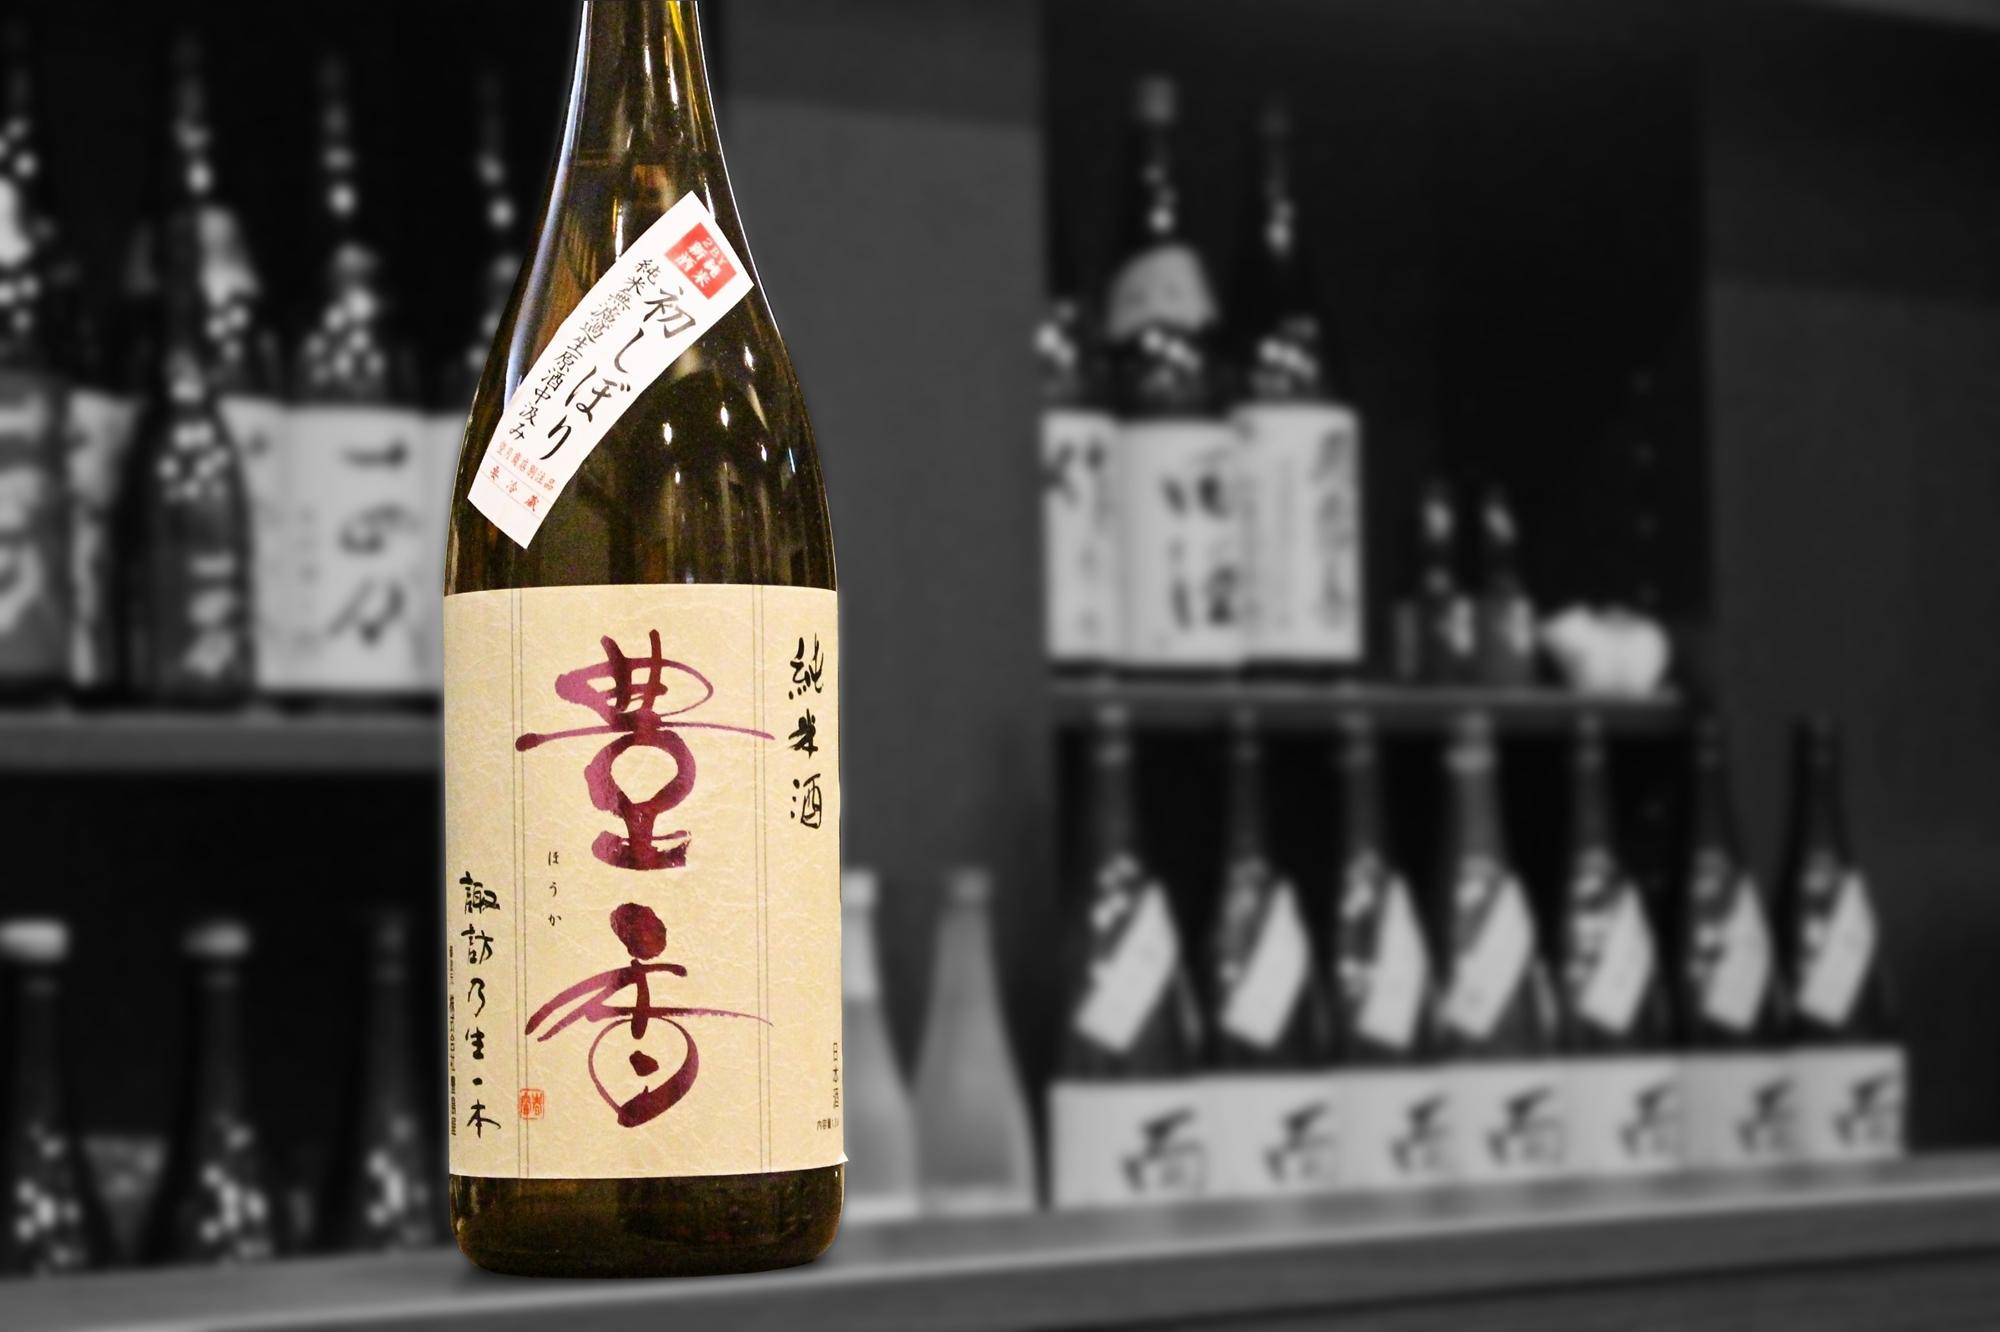 豊香純米無濾過生原酒202102-001